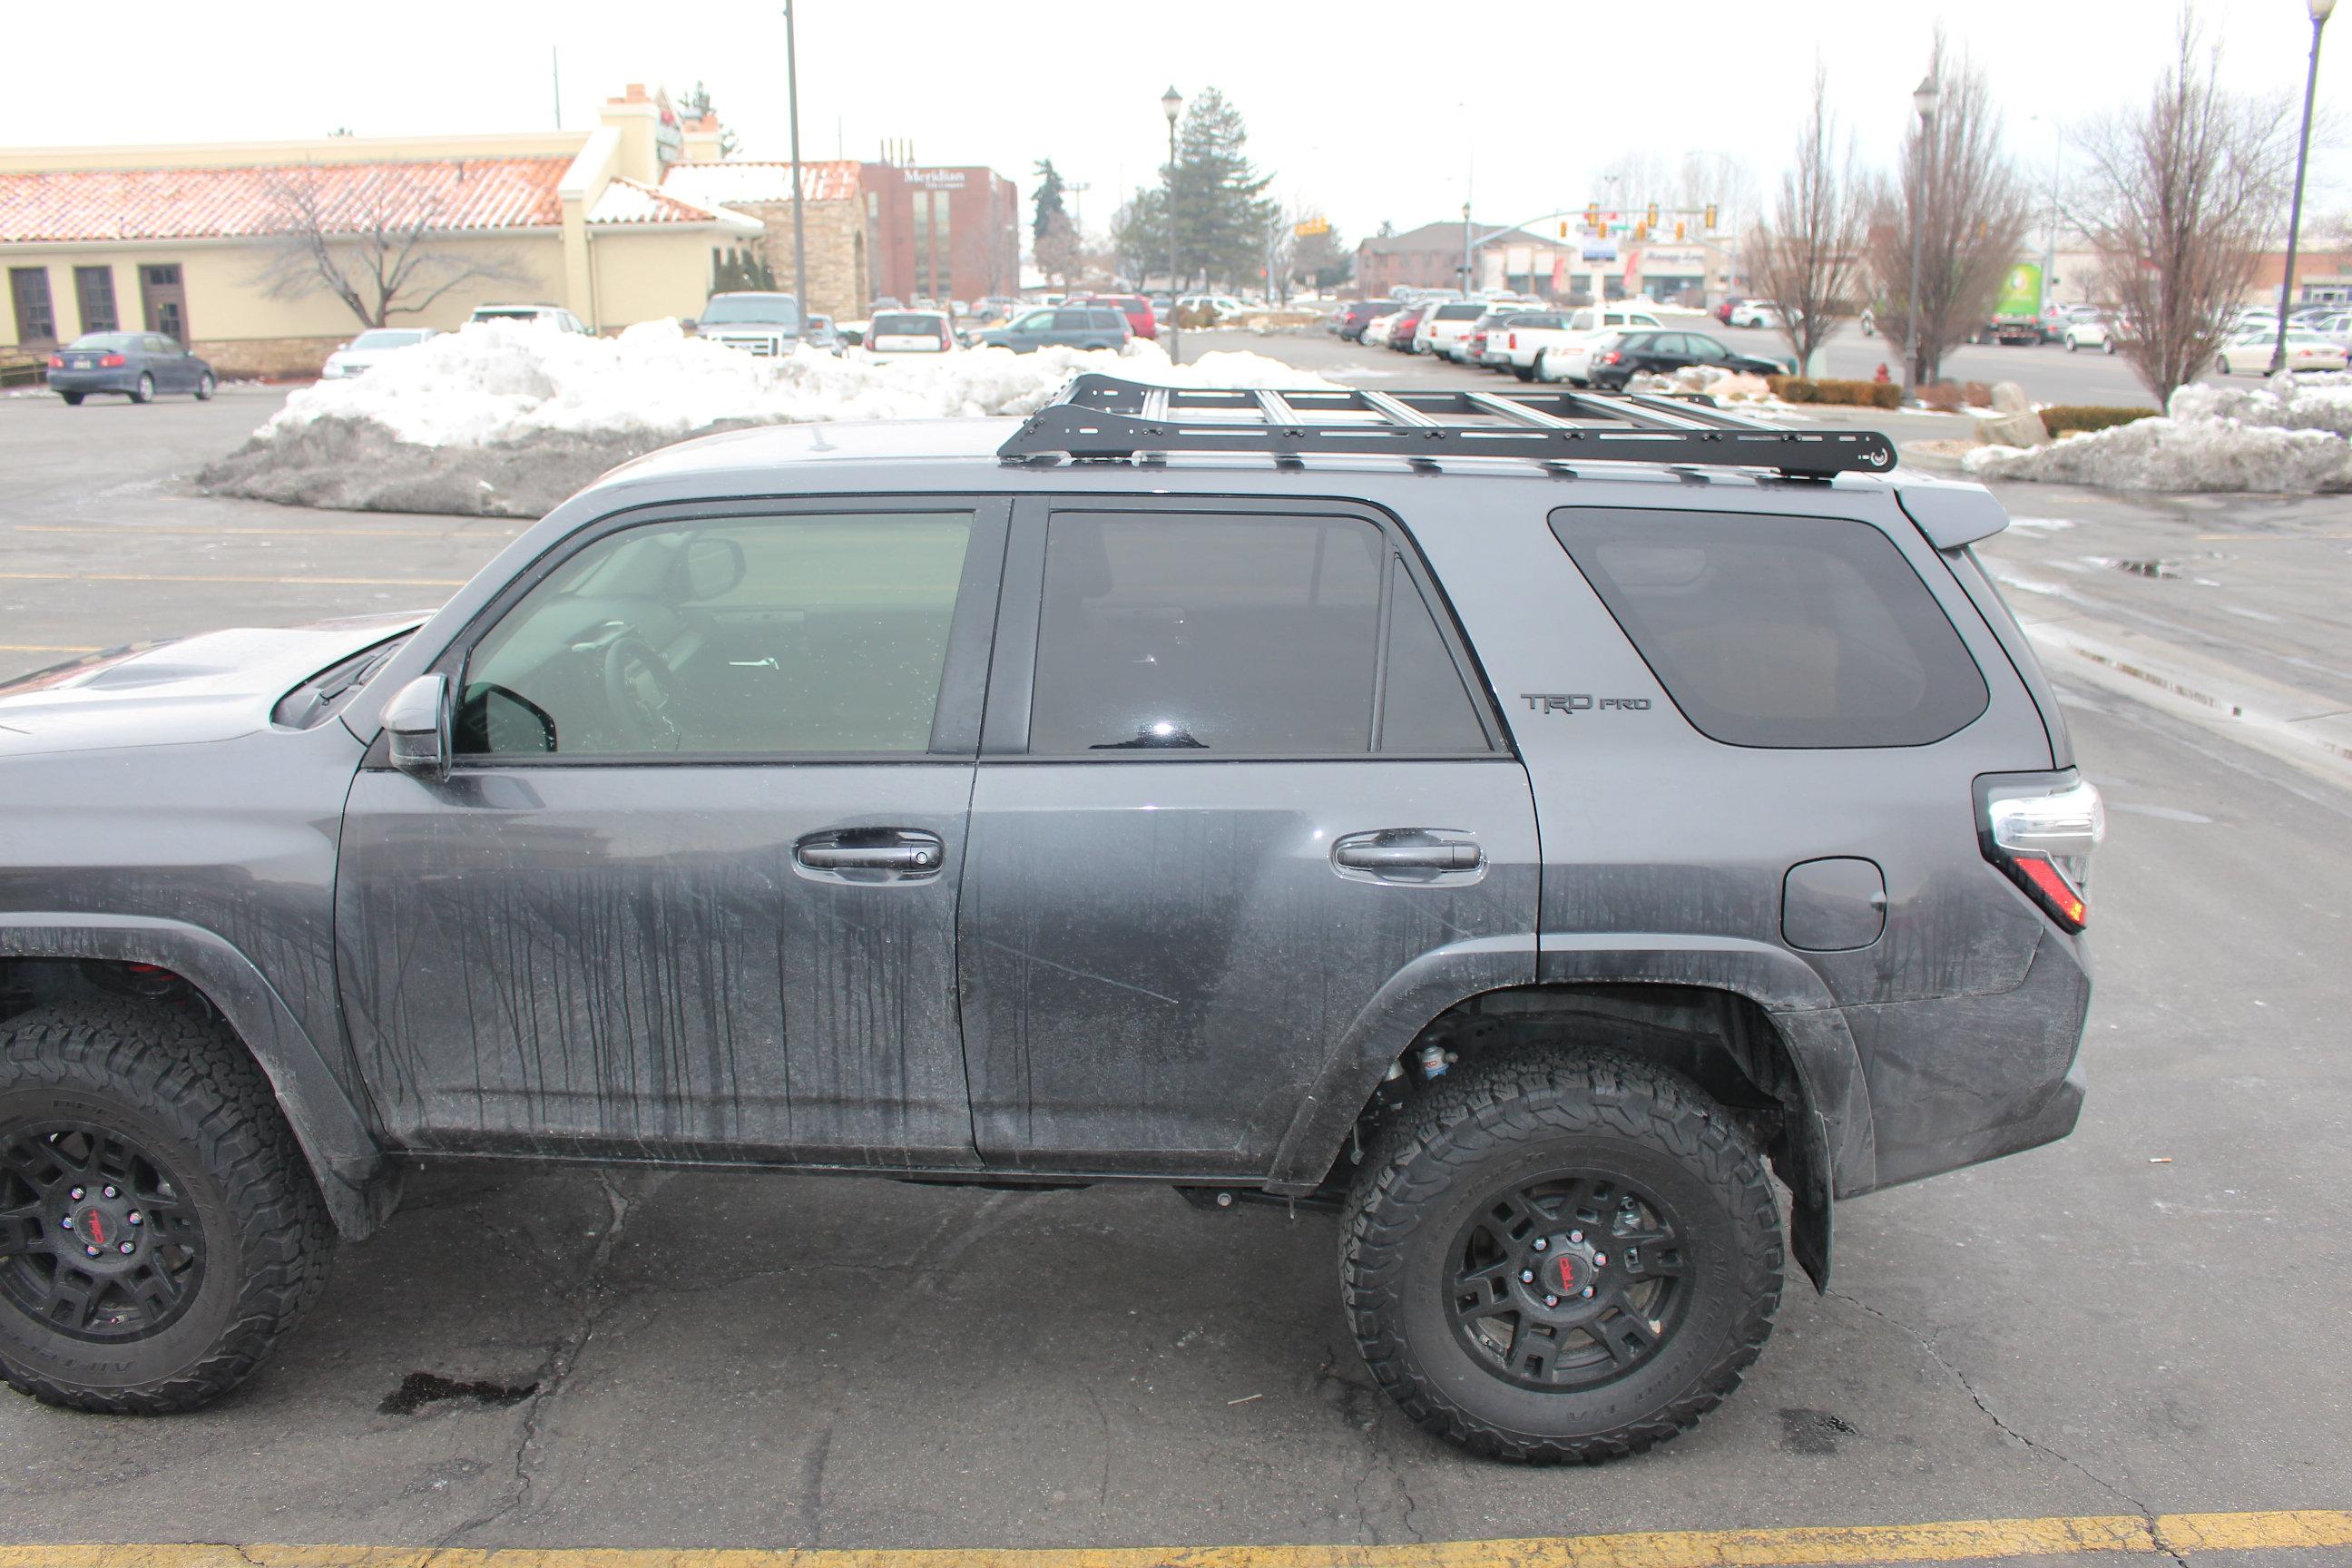 Toyota 4Runner Roof Rack Weight Capacity